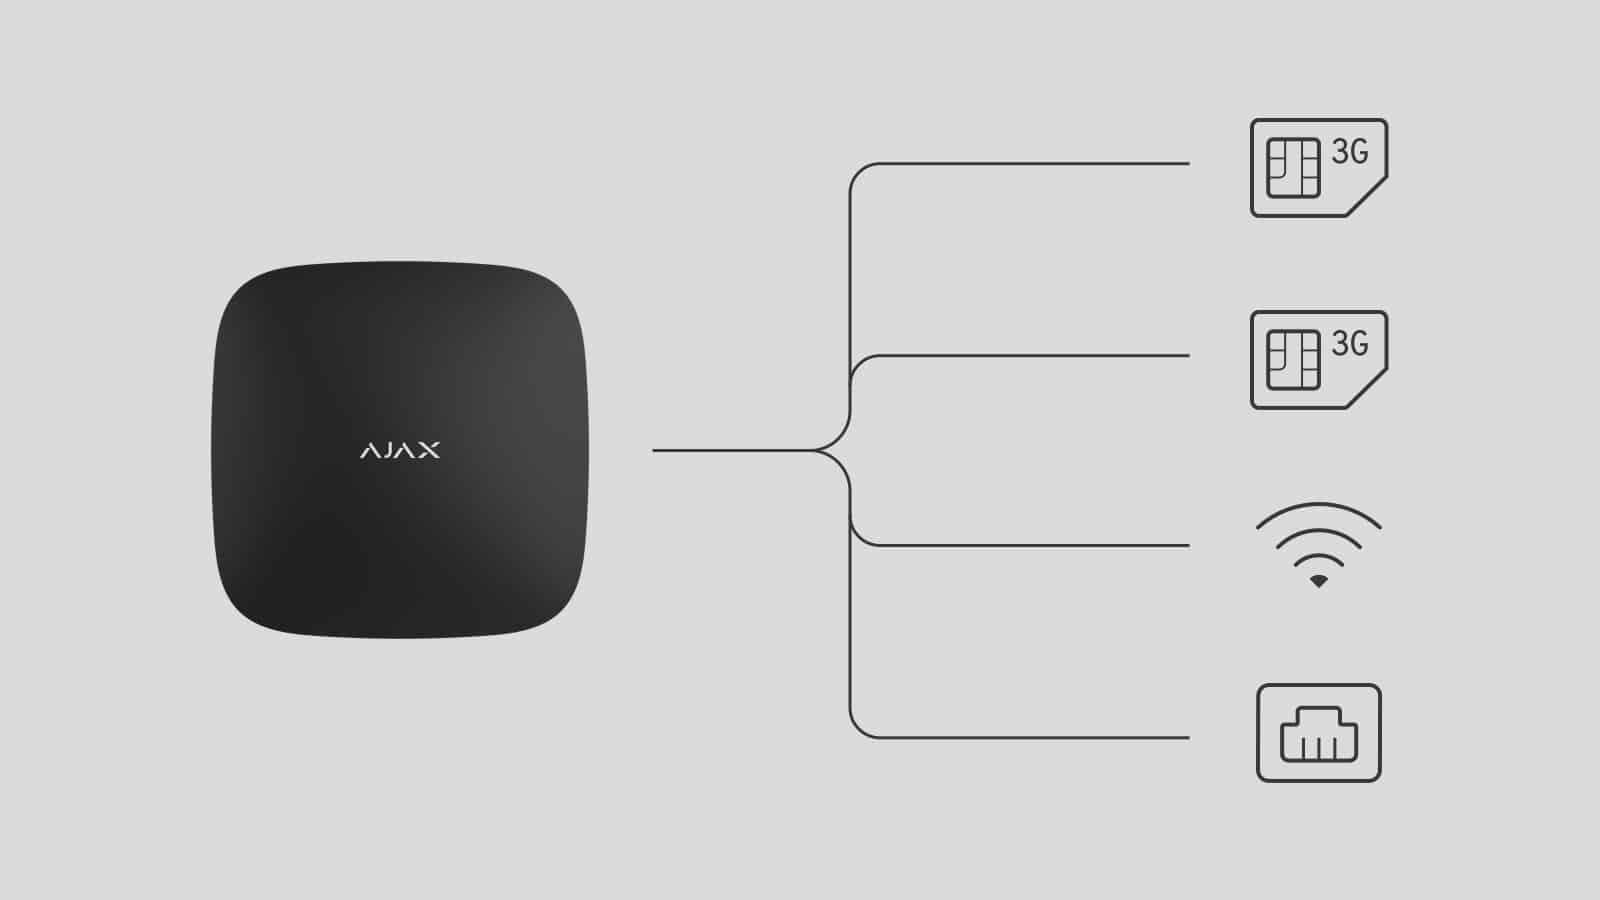 Ποιά κανάλια επικοινωνίας χρησιμοποιεί το σύστημα Ajax